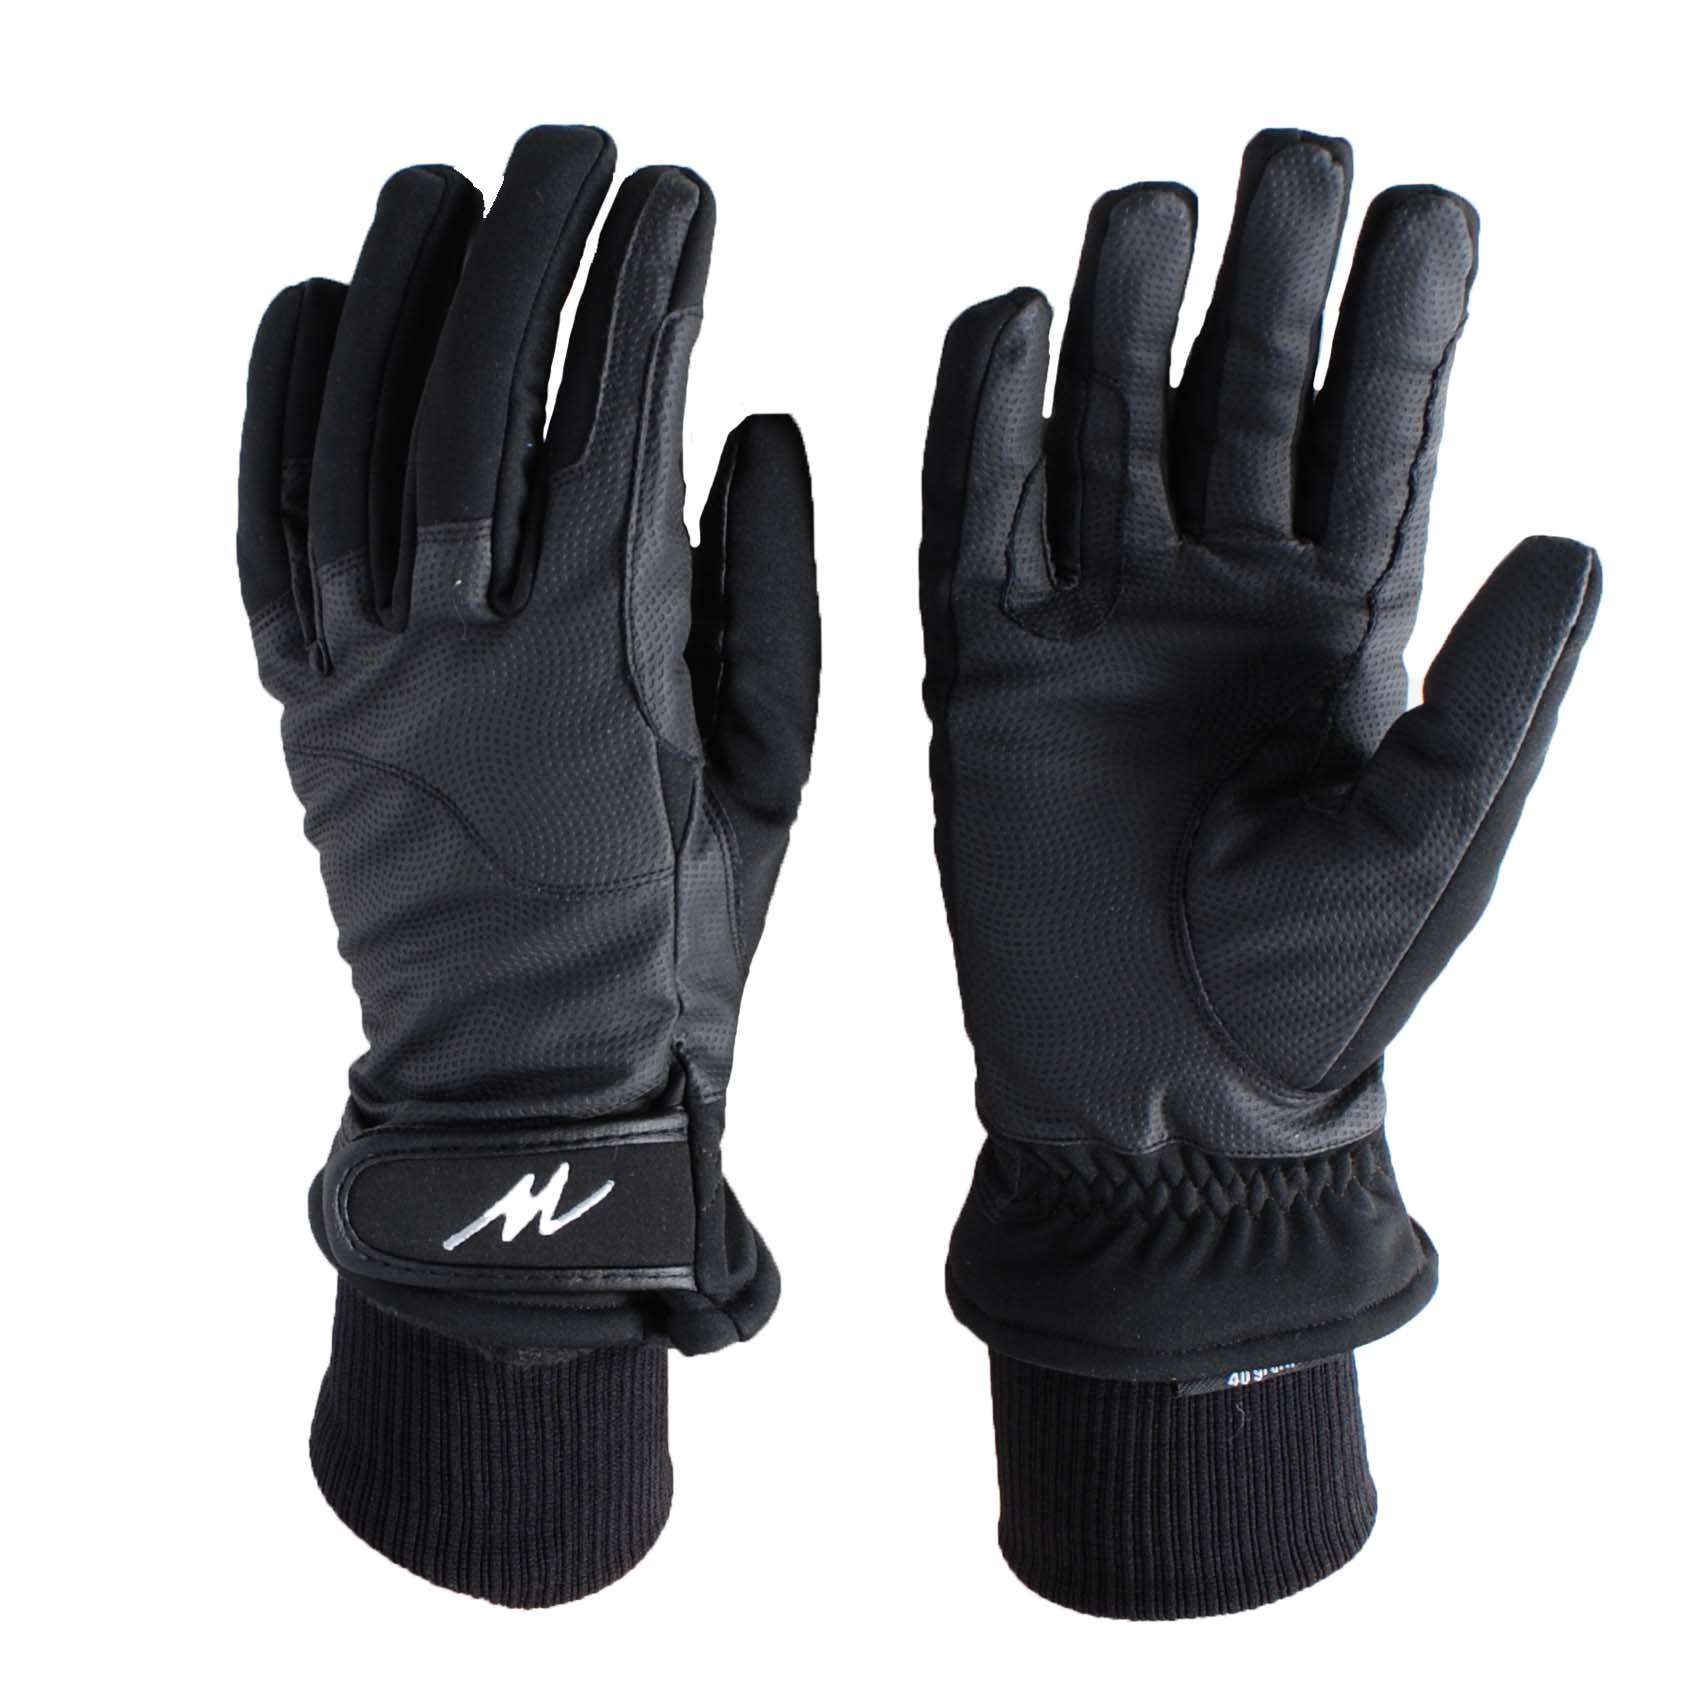 Mondoni Bogota winter handschoenen zwart maat:s